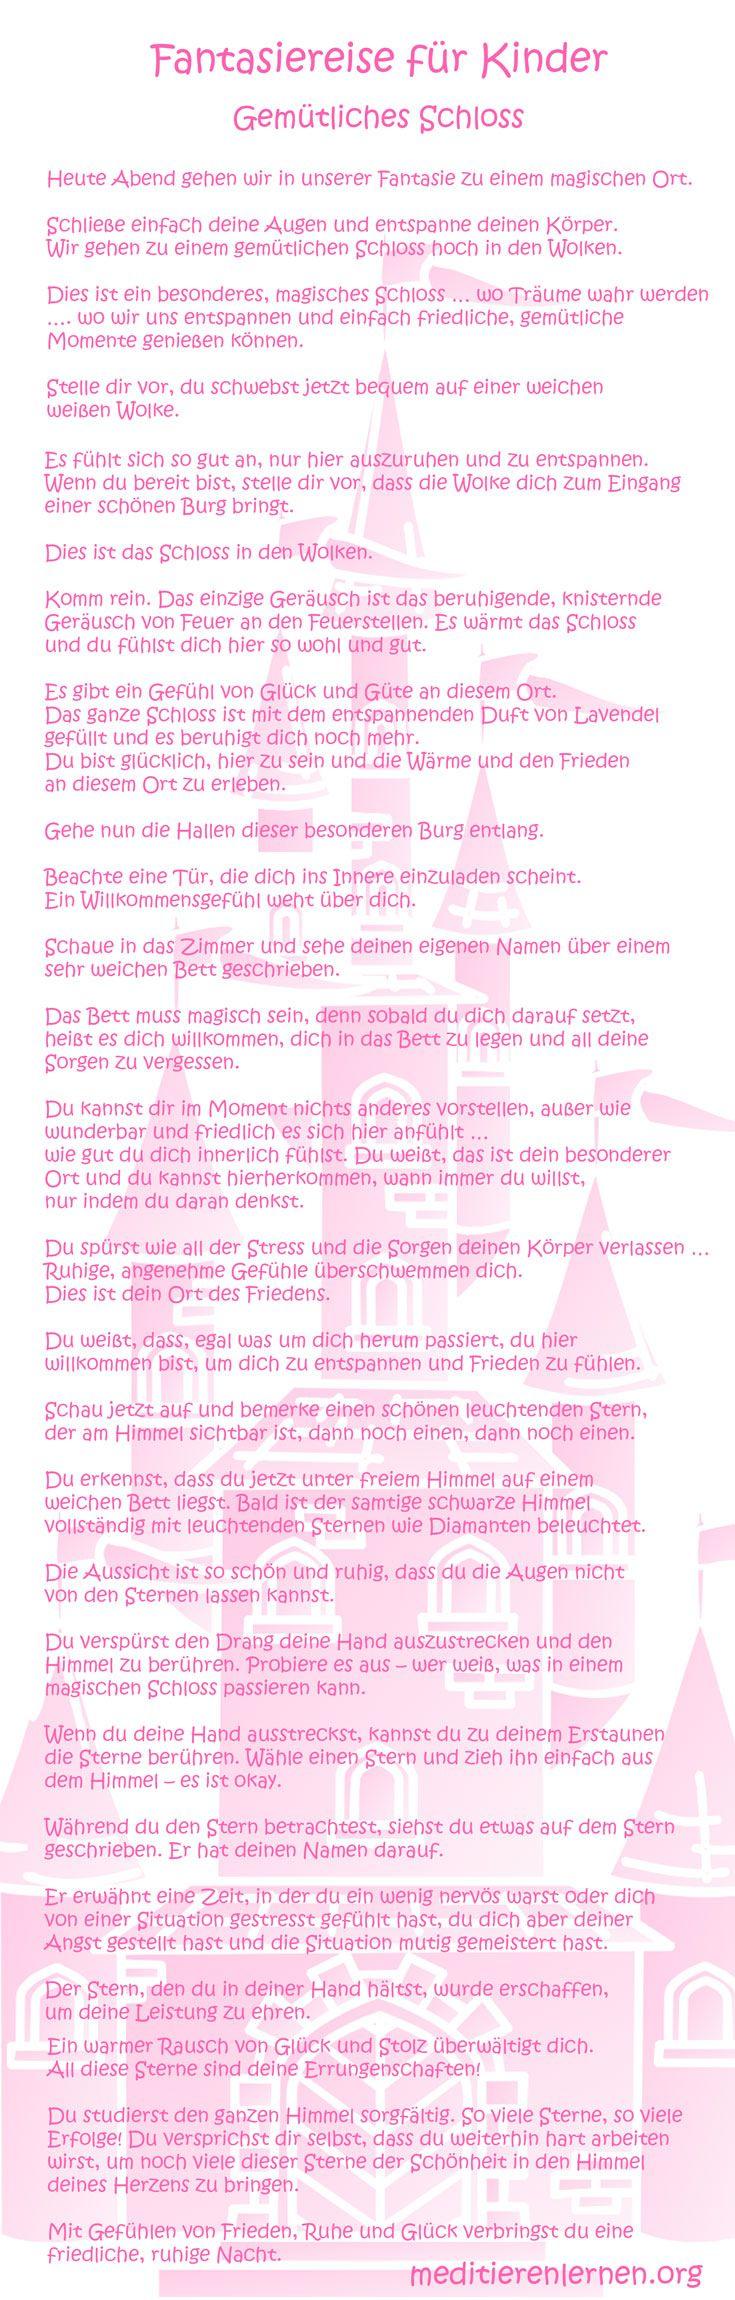 Fantasiereise für Kinder Text Gemütliches Schloss. Originalbeitrag auf meditie …